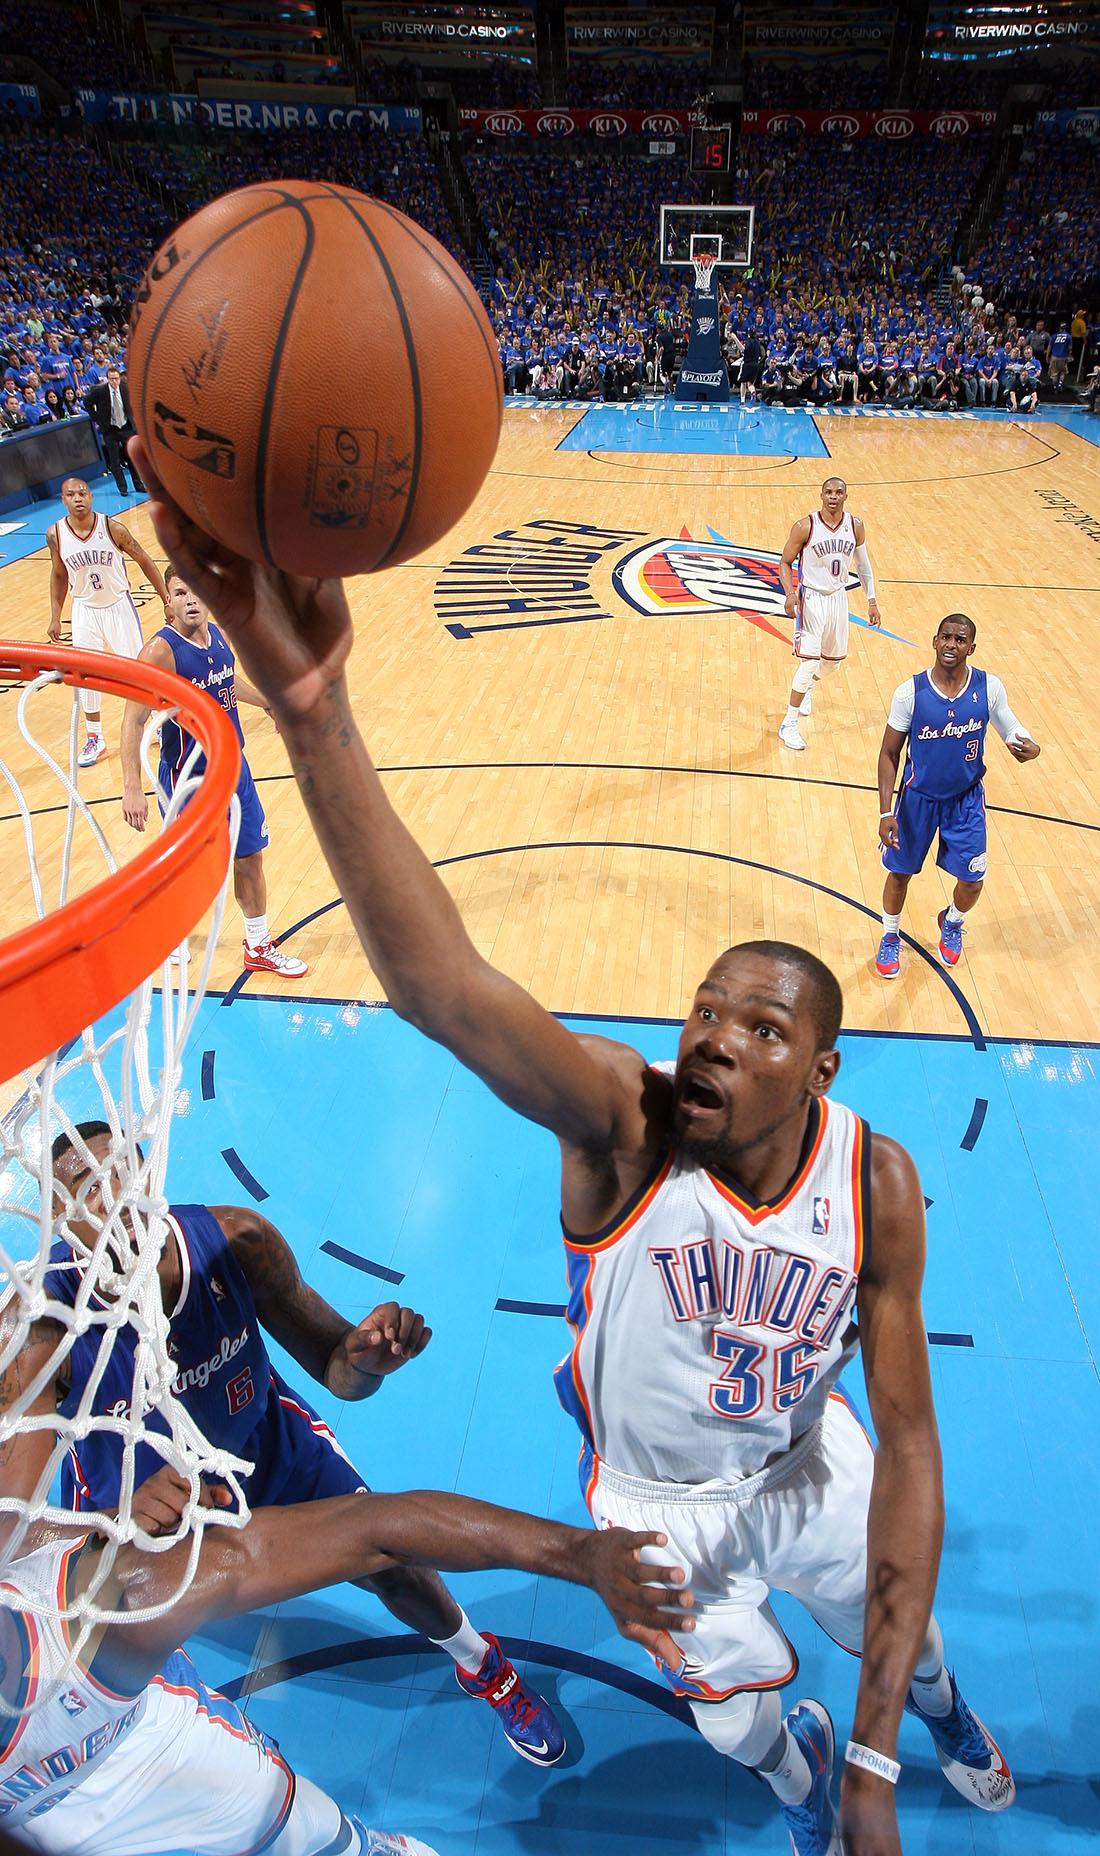 KEVN DURANT MVP en viva basquet